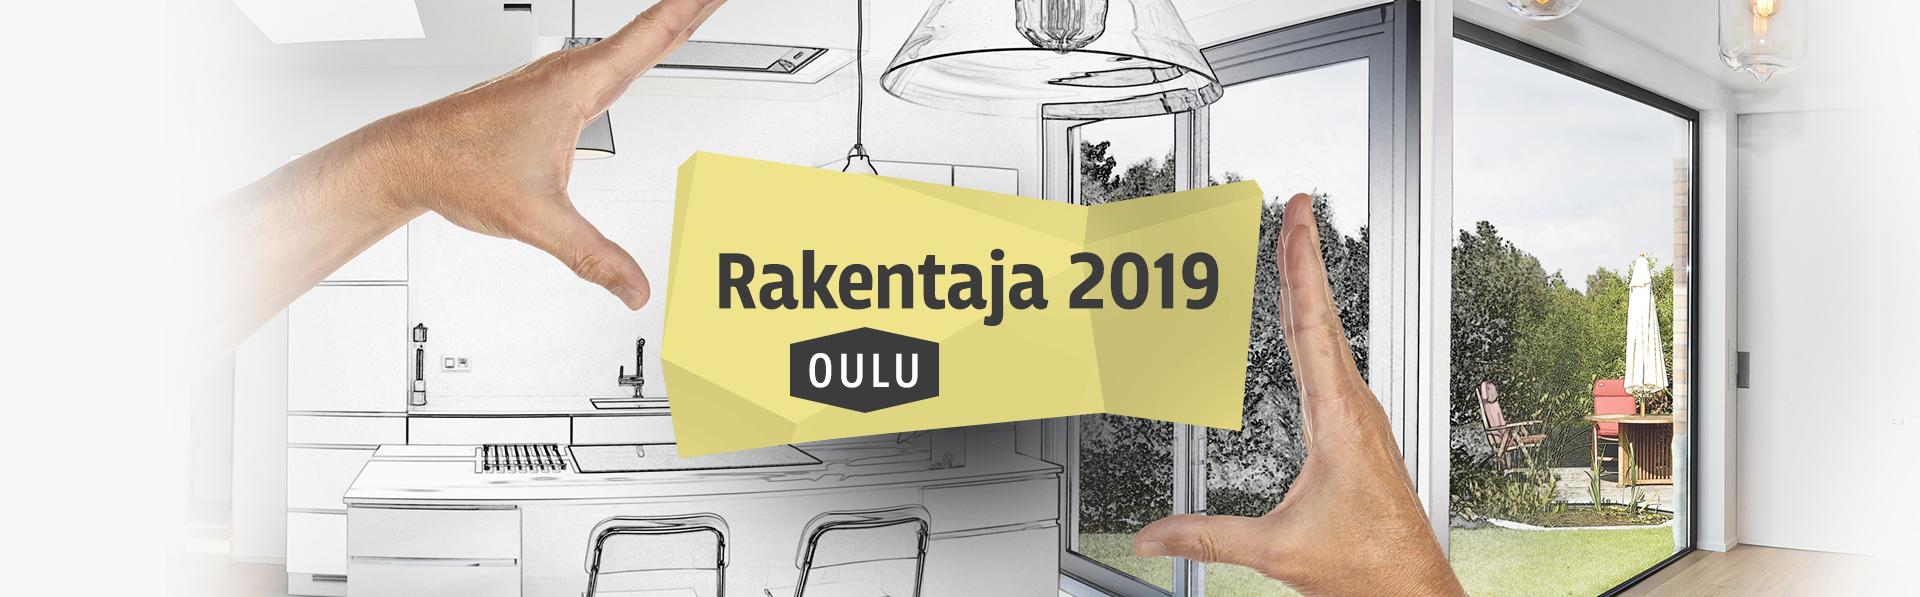 Rakentaja 2019 Oulu